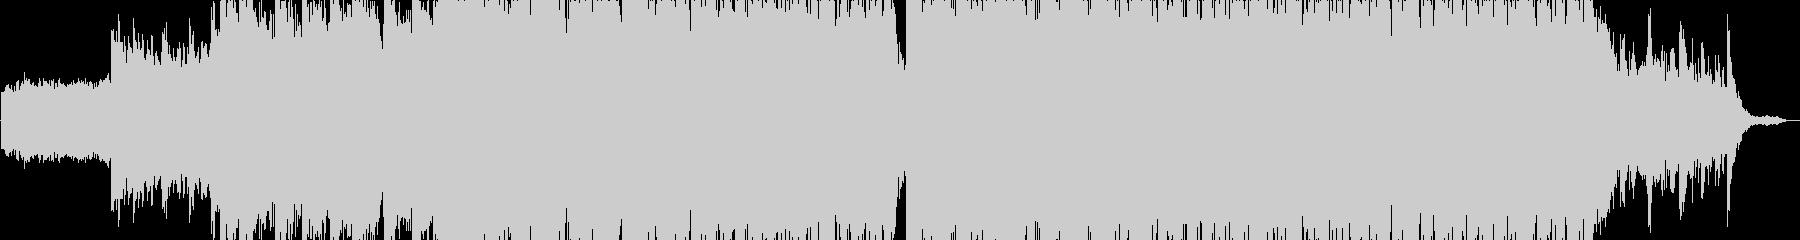 インディーズ ロック コーポレート...の未再生の波形